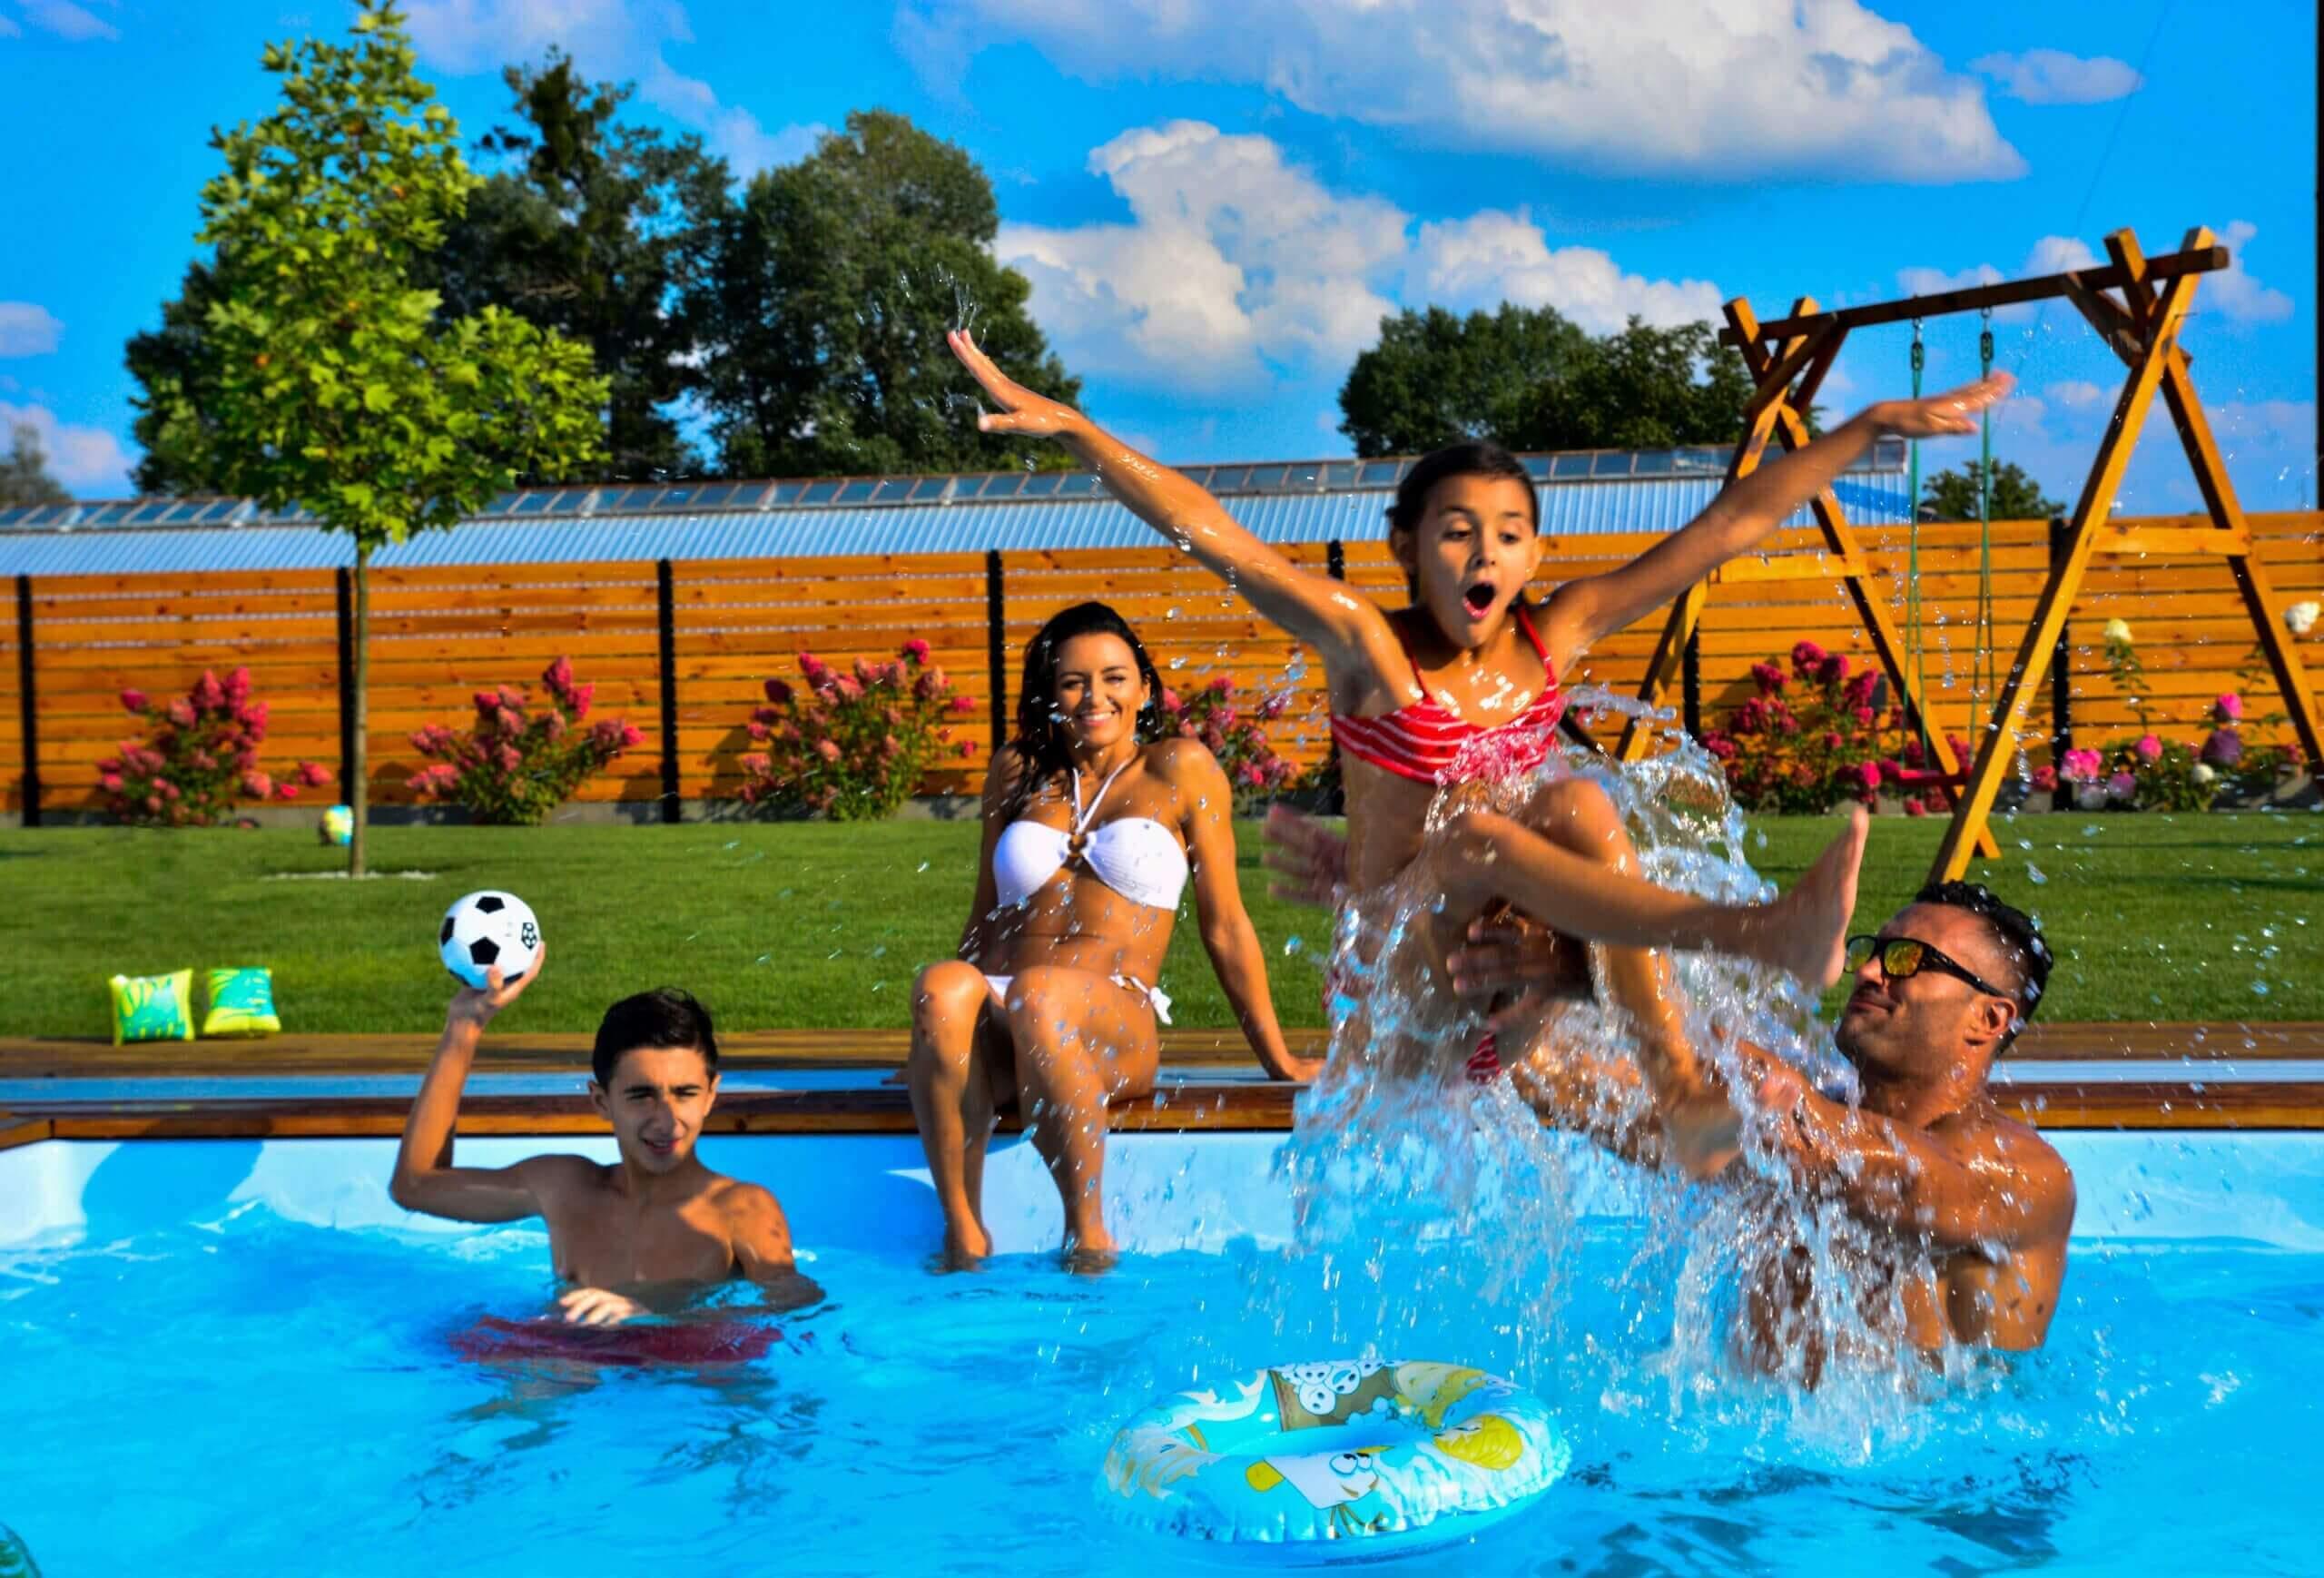 sich für eigenen Einbaupool entscheiden, varianten, skimmer pool, beton pool, hause, einzelnen, sorgt, kein styropor , stabilität für jahre, beste pools auf dem markt